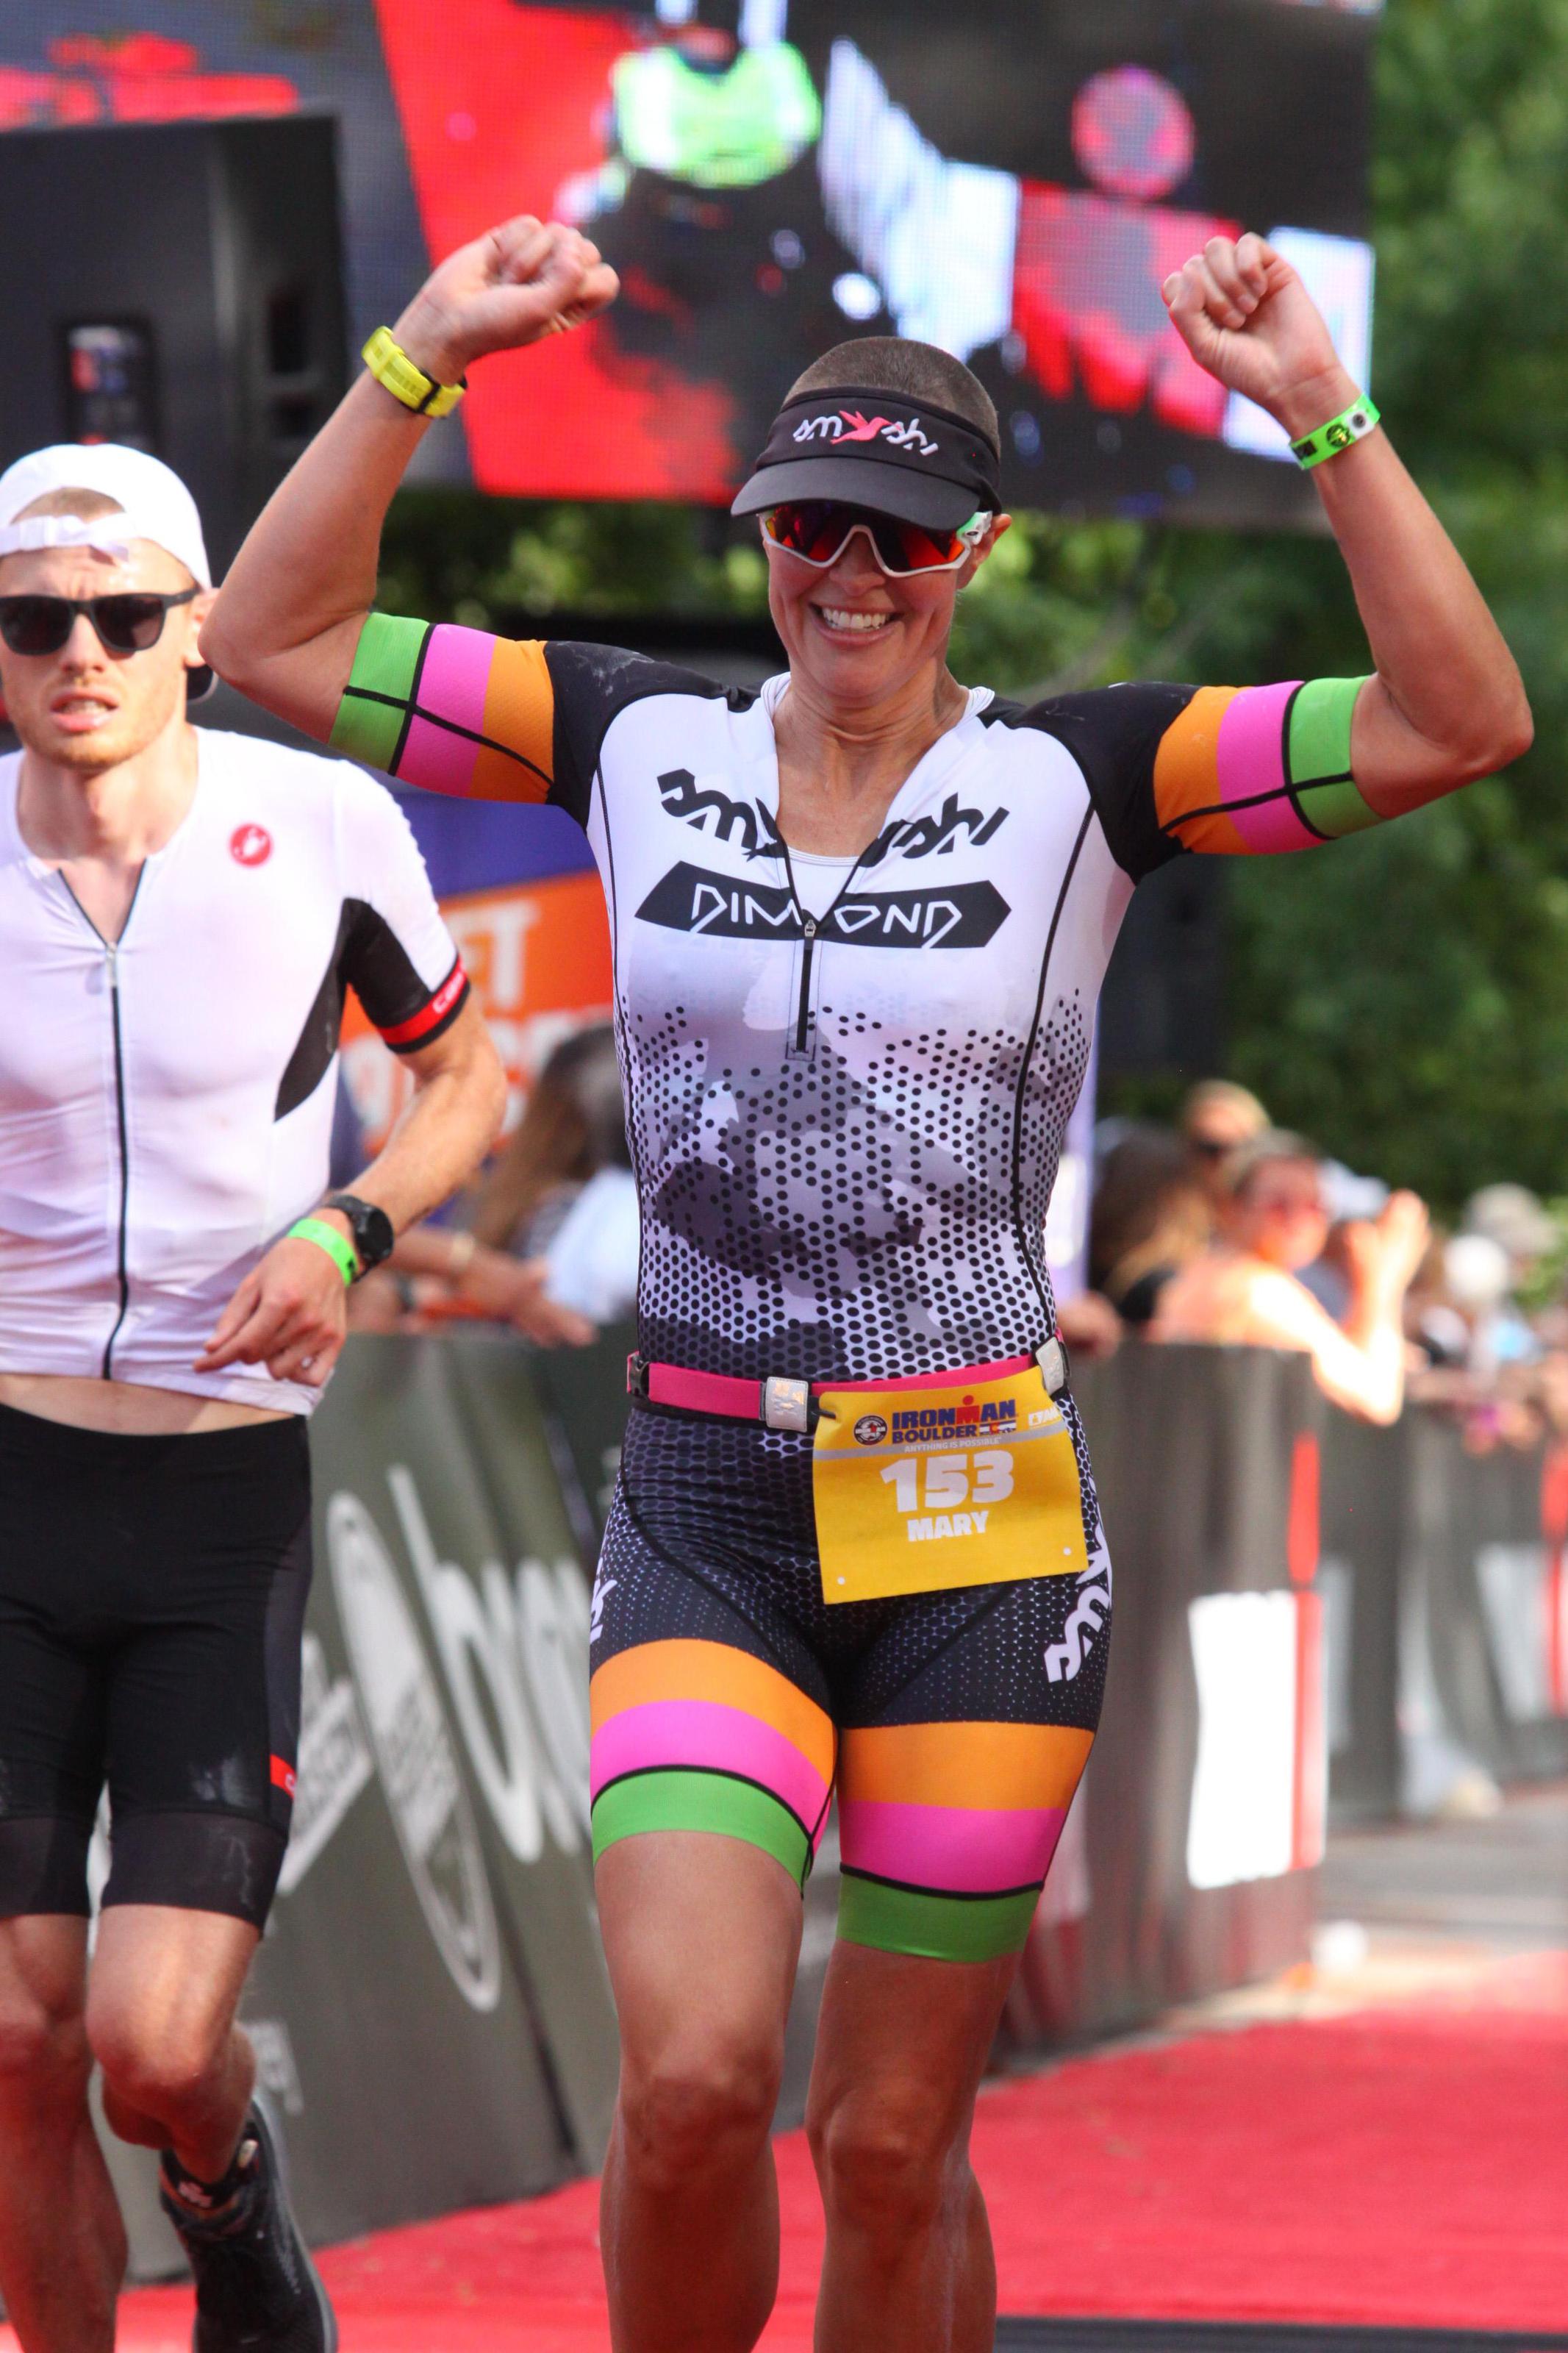 Mary's magical smile lighting the way toward the finish. Photo courtesy of Mary Knott.